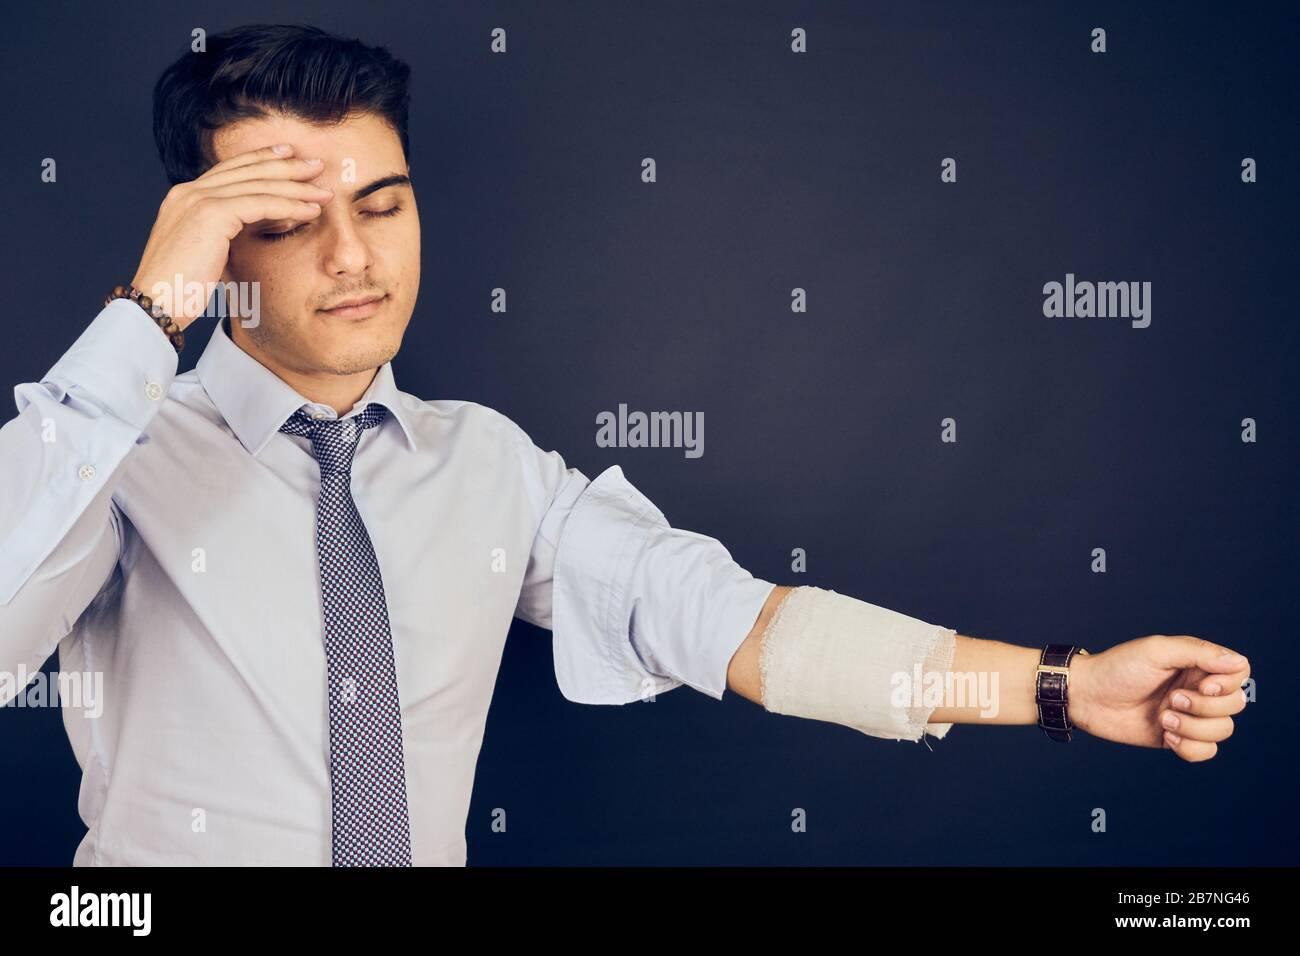 Jeune homme avec maux de tête et bandage sur la main Banque D'Images